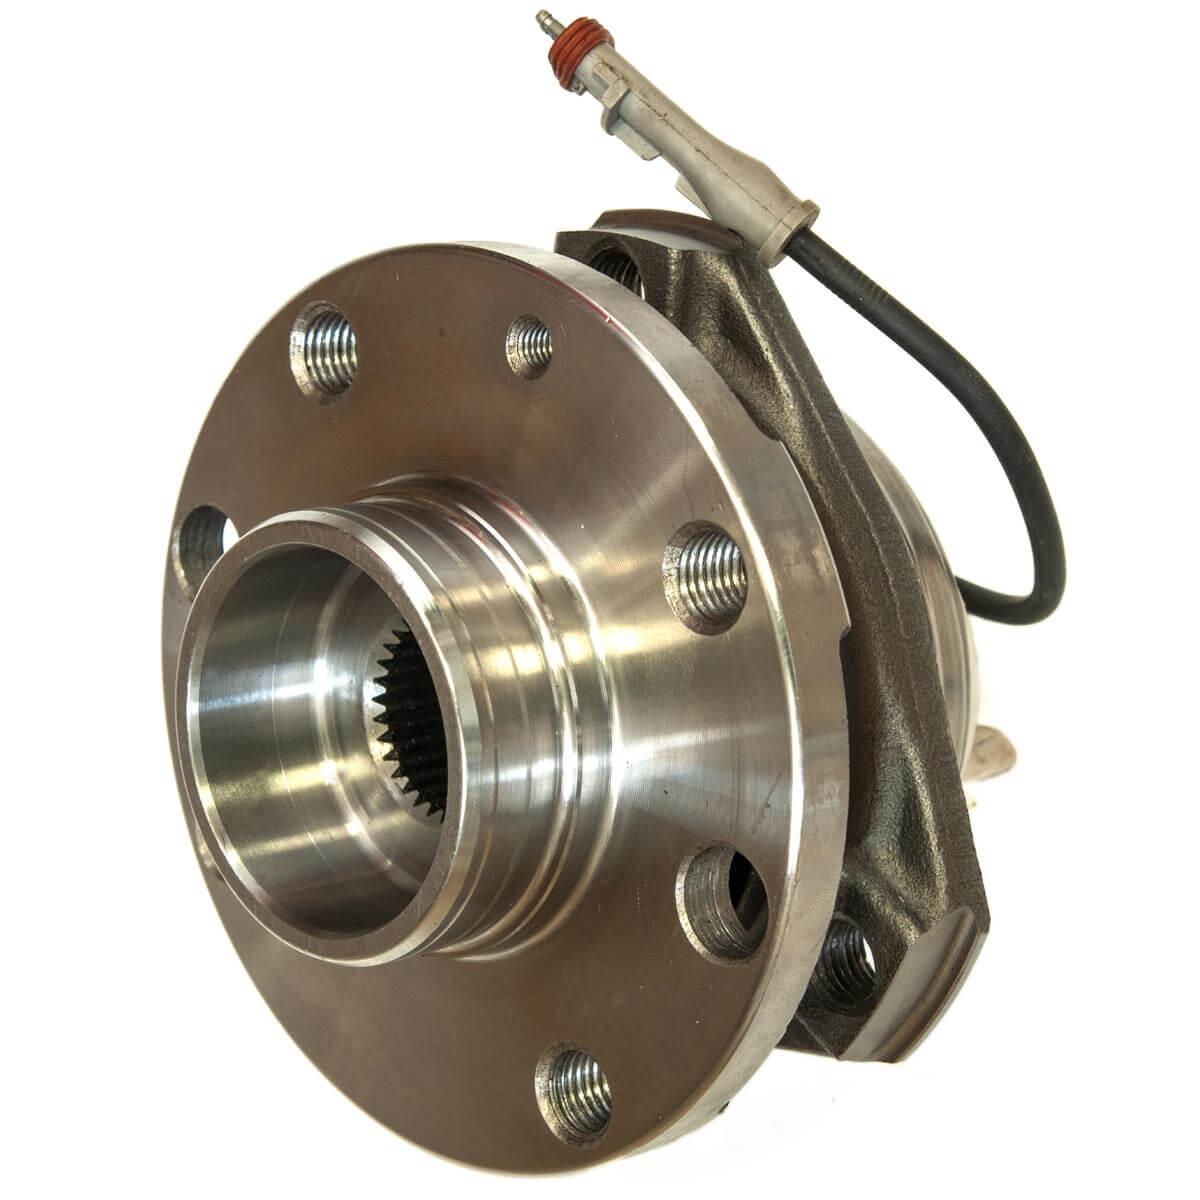 ABS/wheel speed sensor replacement costs & repairs | AutoGuru